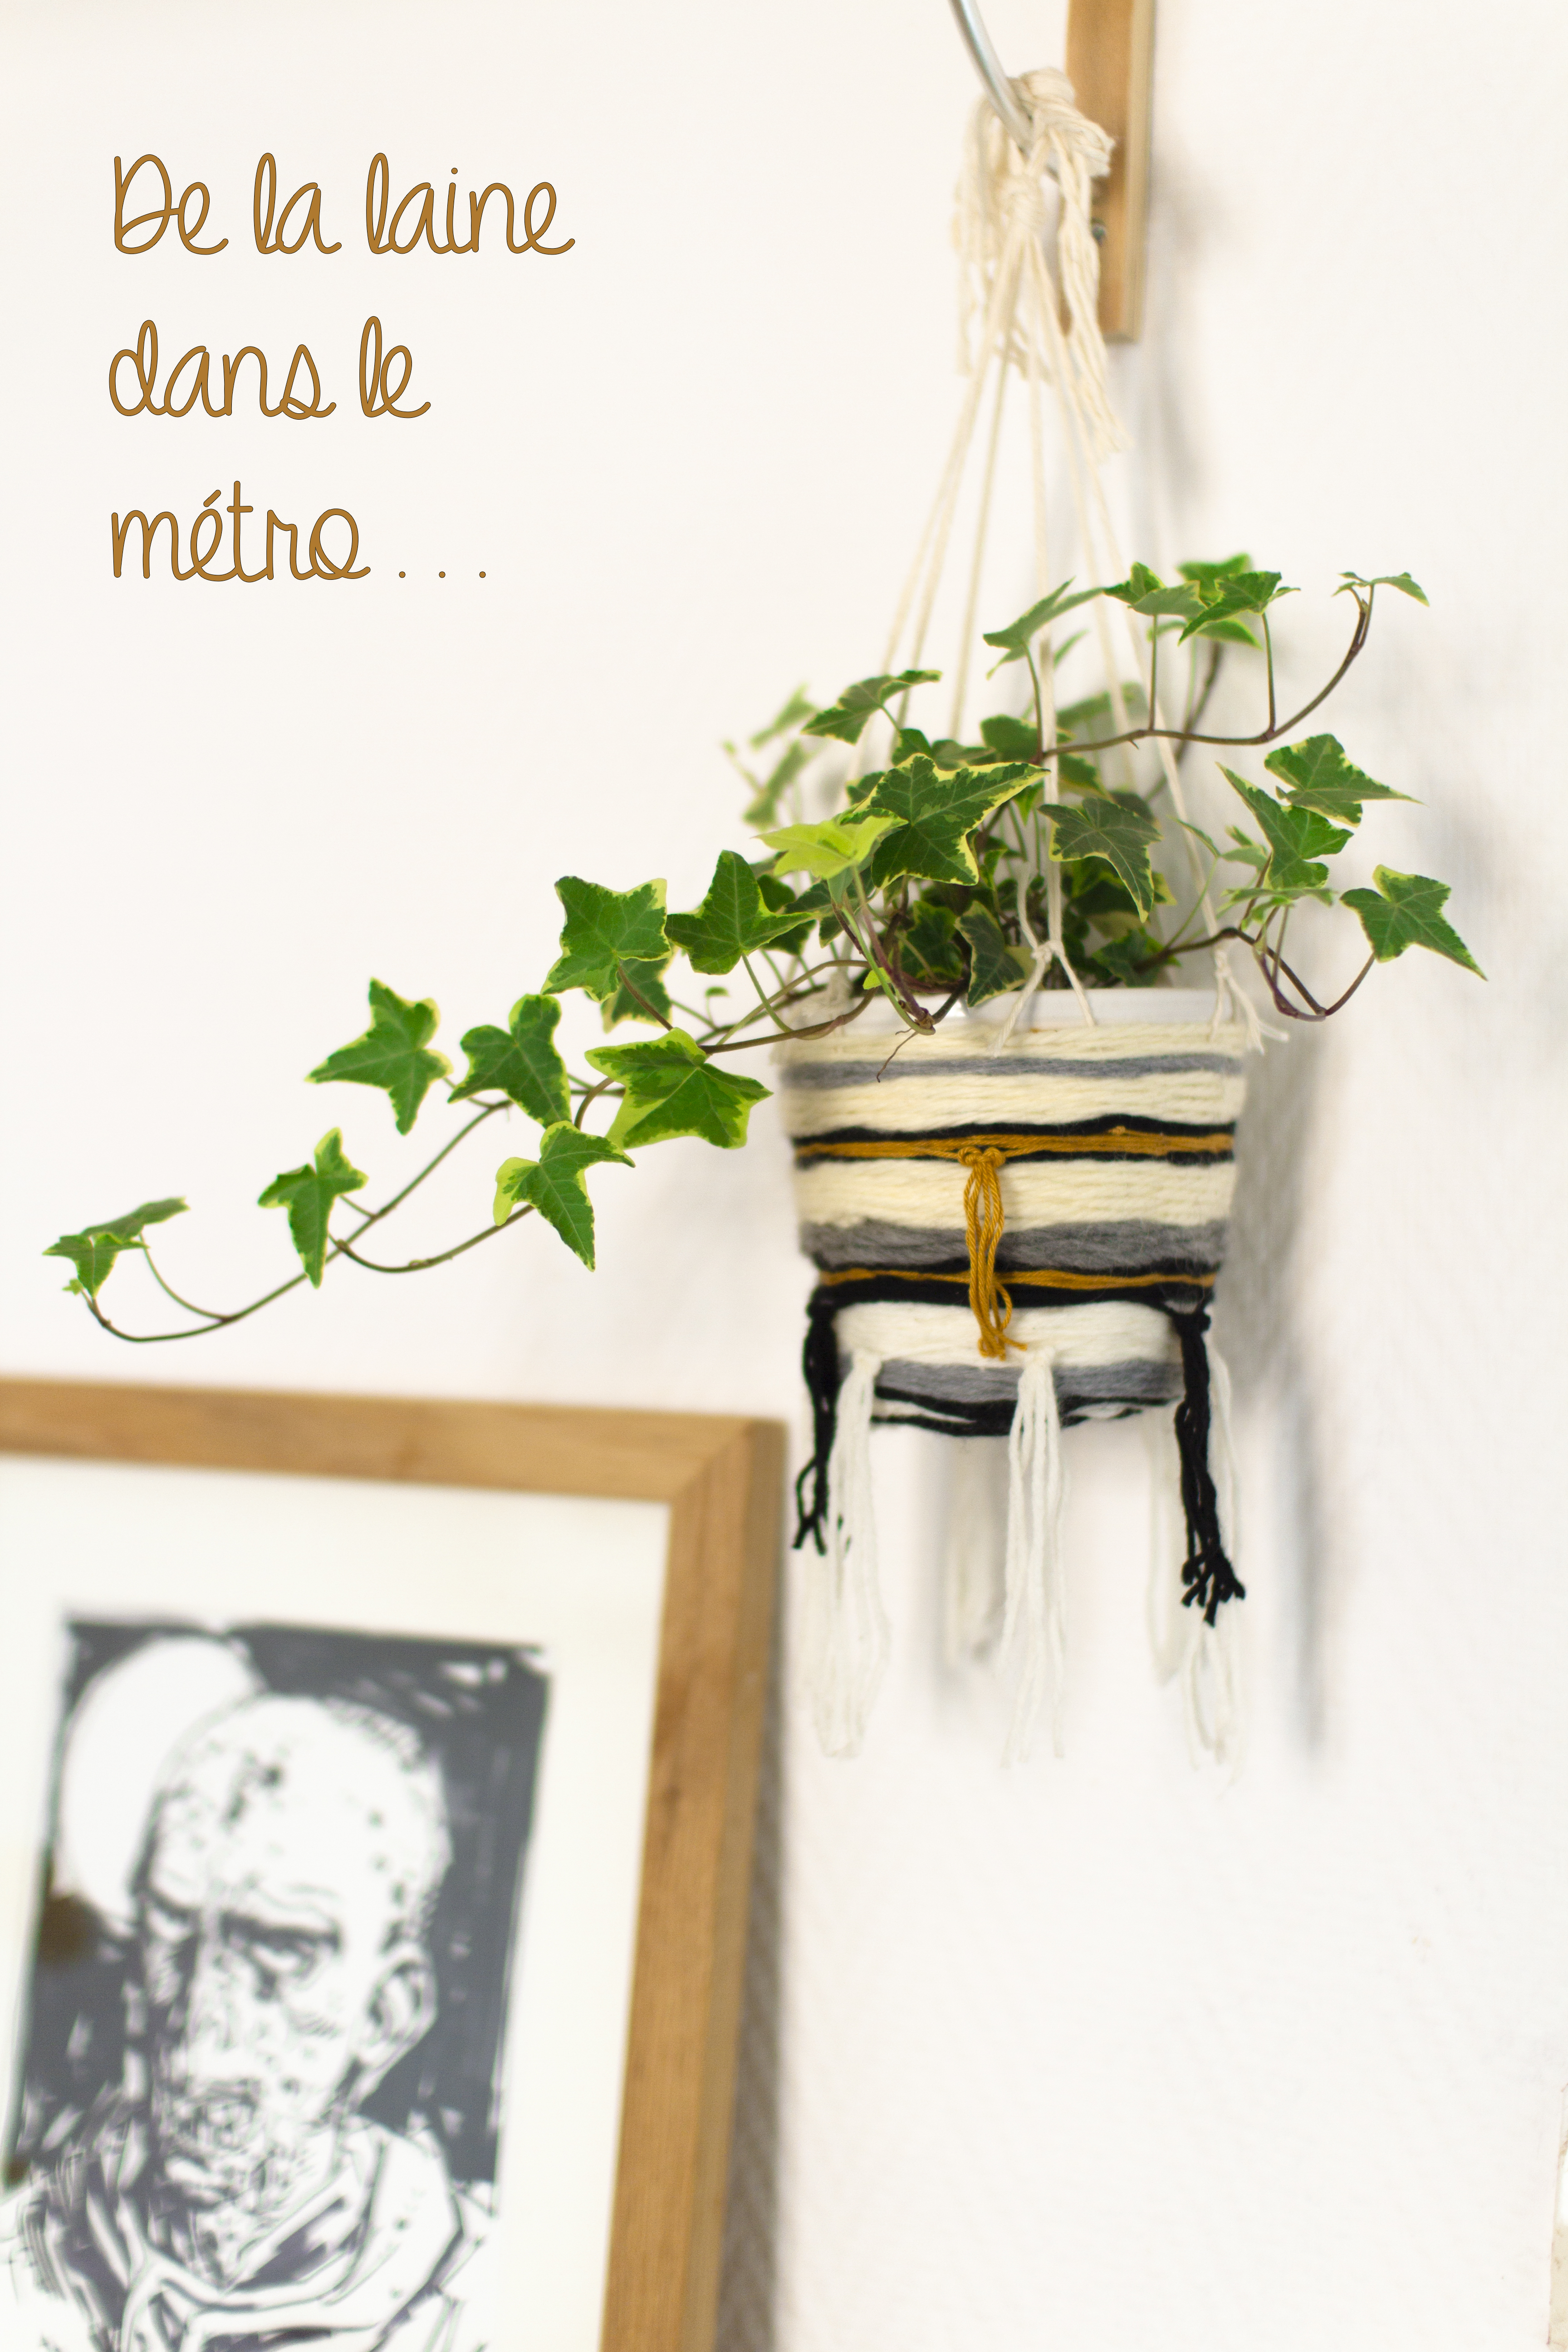 Suspension tiss e pour belles plantes de la laine dans le m tro - Suspension pour plantes ...